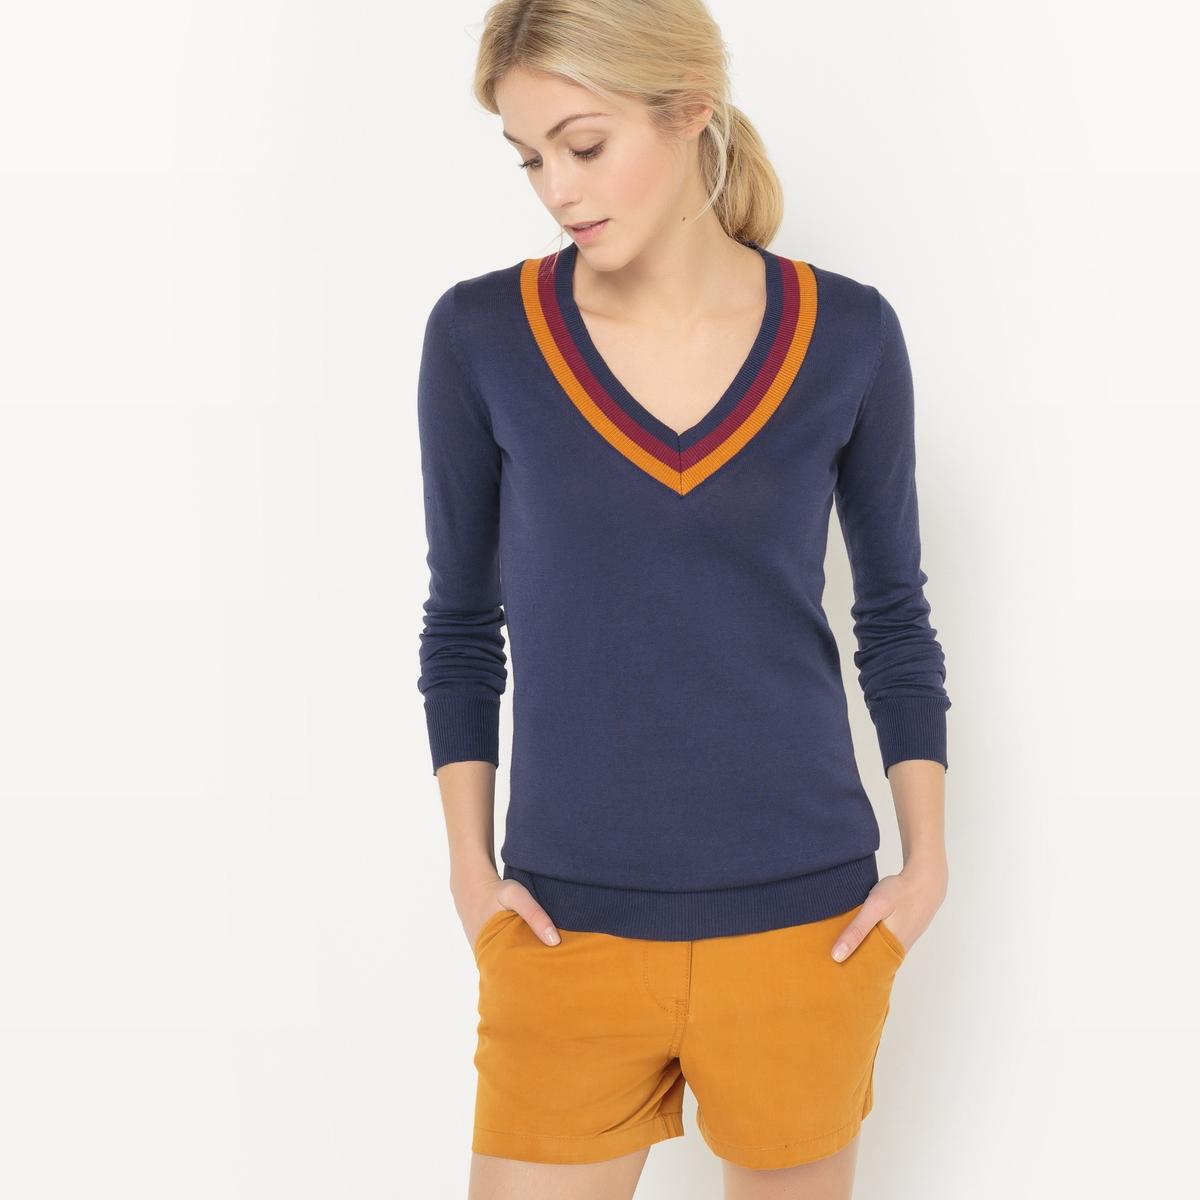 Пуловер с V-образным вырезом контрастного цветаПуловер с V-образным вырезом R essentiel. Длинные рукава. Трехцветный вырез.      Материал : 100% хлопок     Длина рукава : Длинные рукава     Форма воротника : V-образный вырез     Покрой пуловера : Стандартная     Рисунок : Однотонная модель     Стирка : машинная стирка при 30 °С     Уход : сухая чистка и отбеливание запрещены     Машинная сушка : запрещена     Глажка : при низкой температуре<br><br>Цвет: светло-серый меланж,темно-синий<br>Размер: XXL.XL.L.M